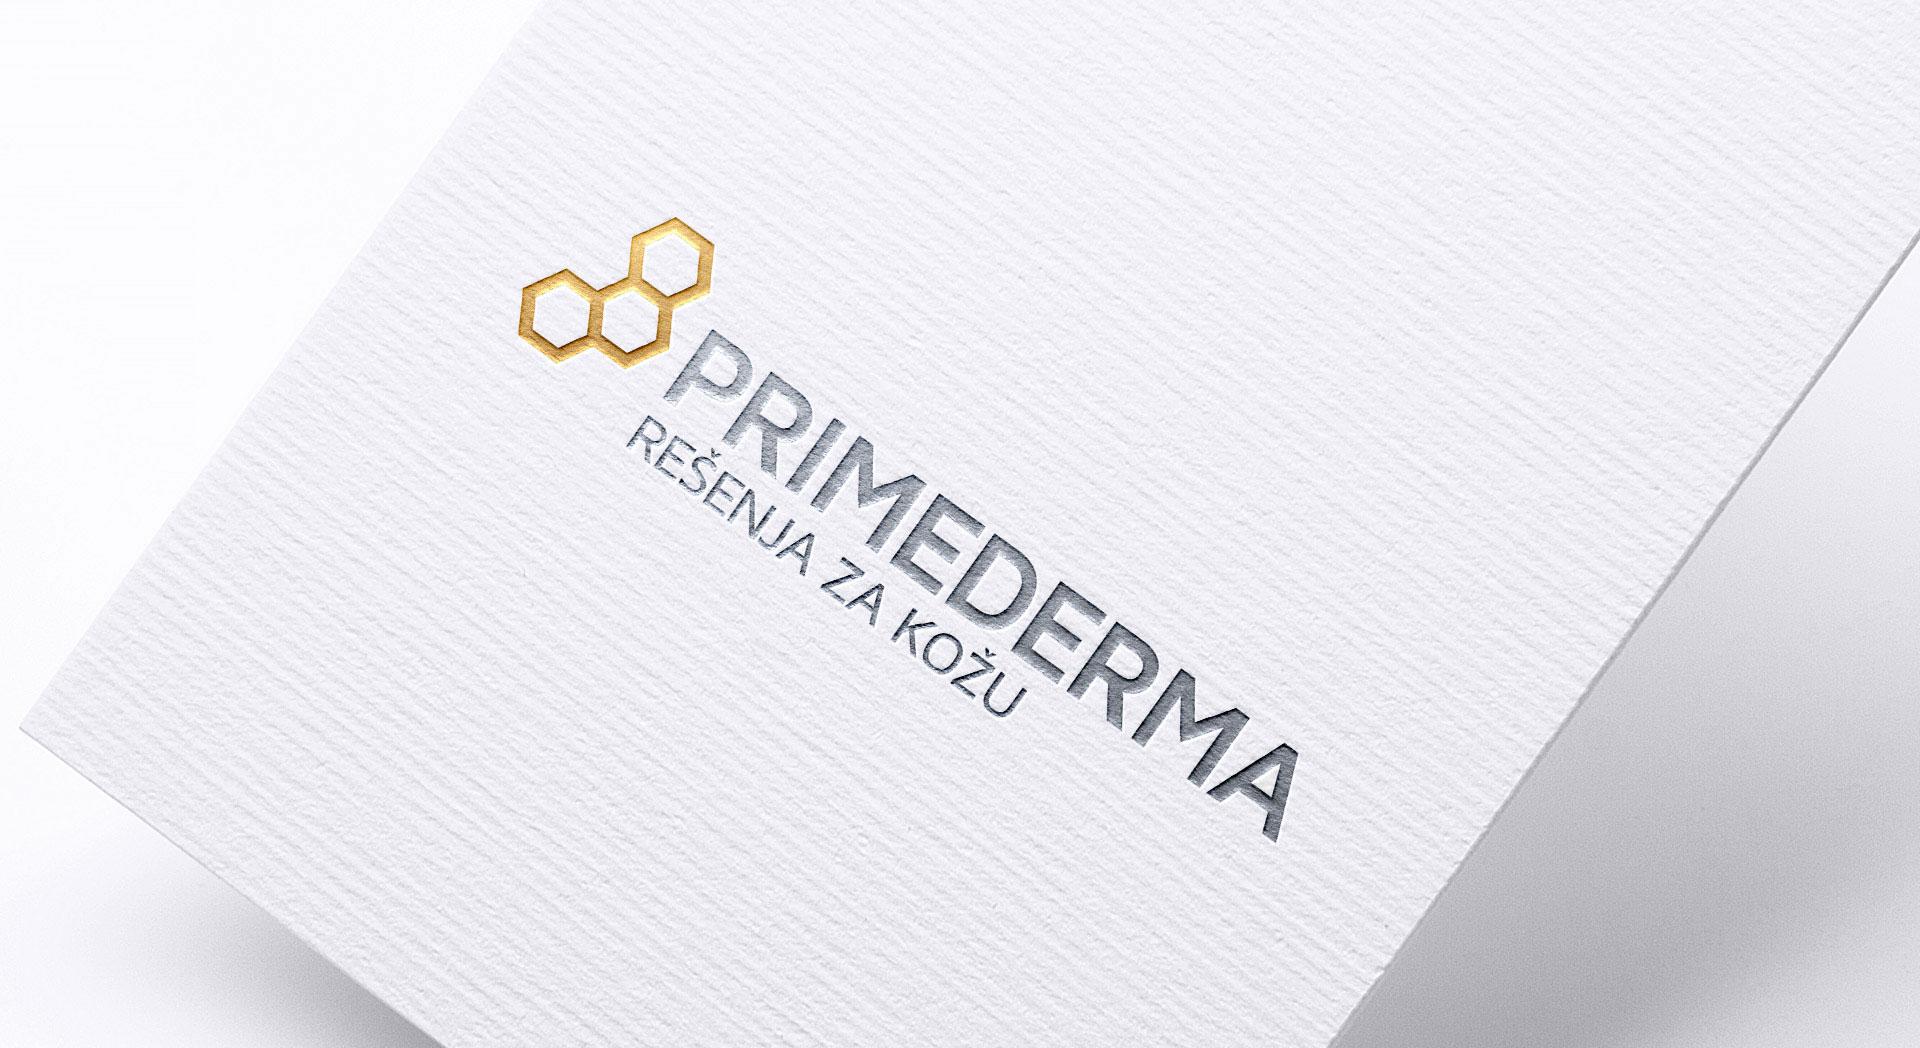 Dizajn i izrada logotipa za Primederma kozmetiku